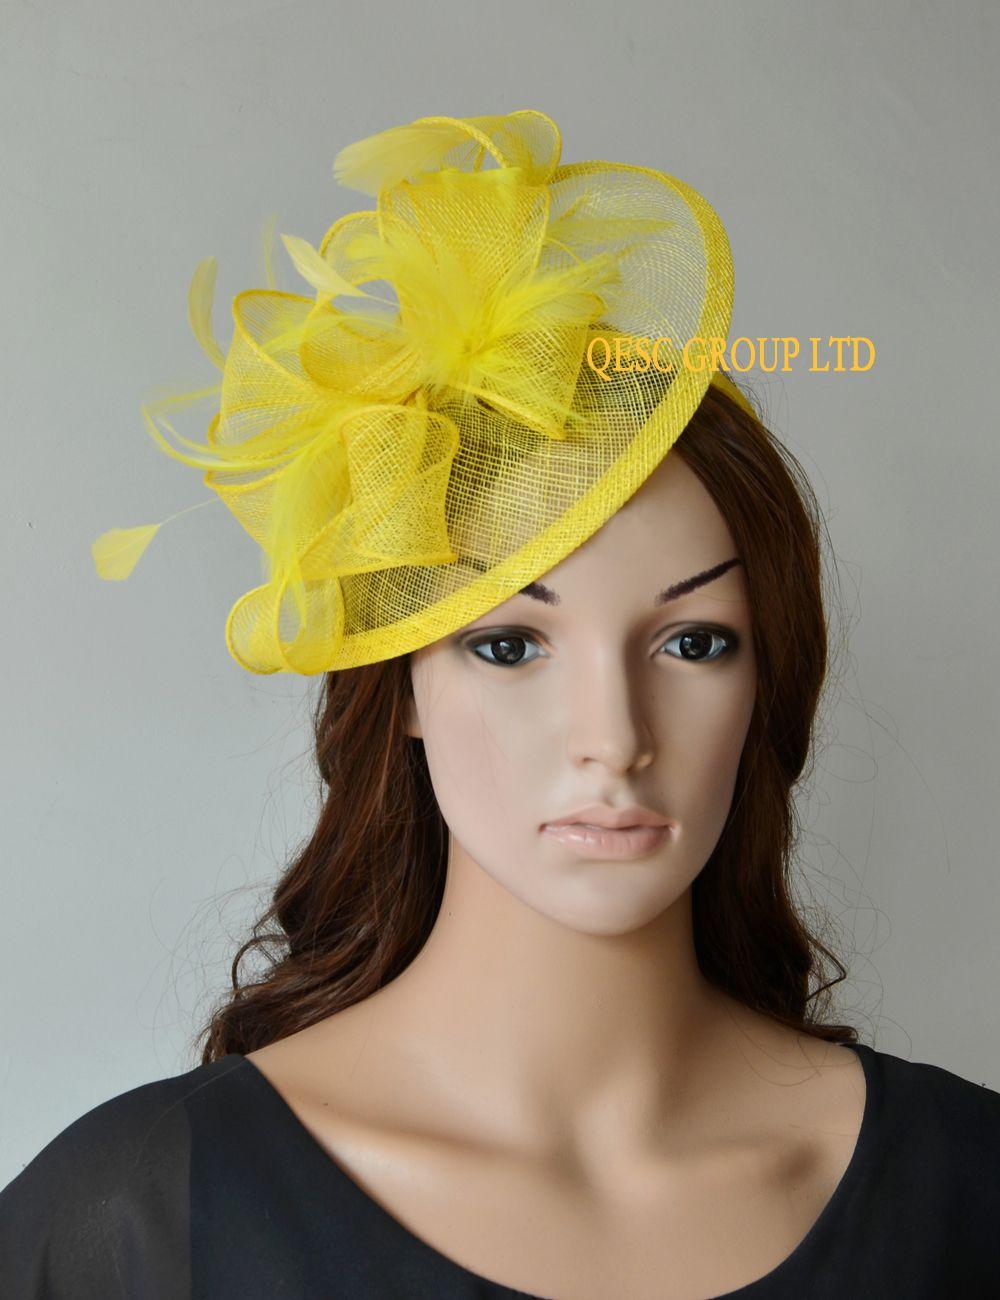 노란색 신부 매혹적인 sinamay 깃털 매혹적인 모자 헤어 액세서리 켄터키 더비, 결혼식, 교회, 파티.